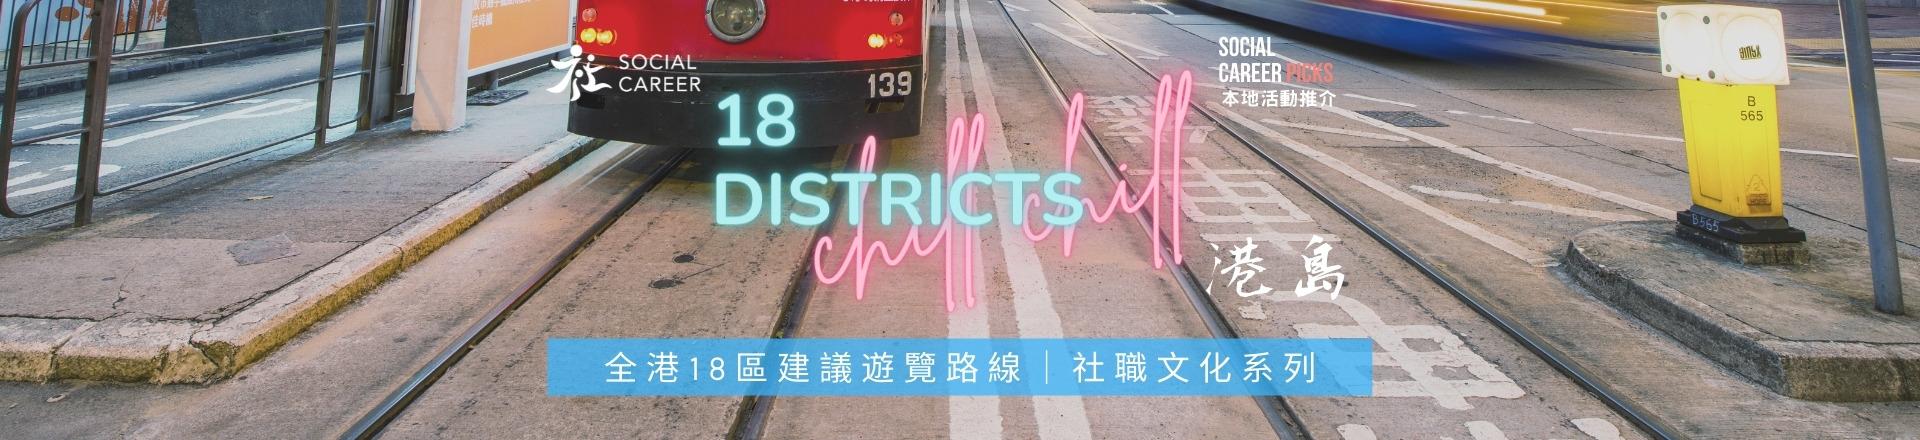 港島一日遊 18區Chill Chill 香港好去處 x 社職文化系列